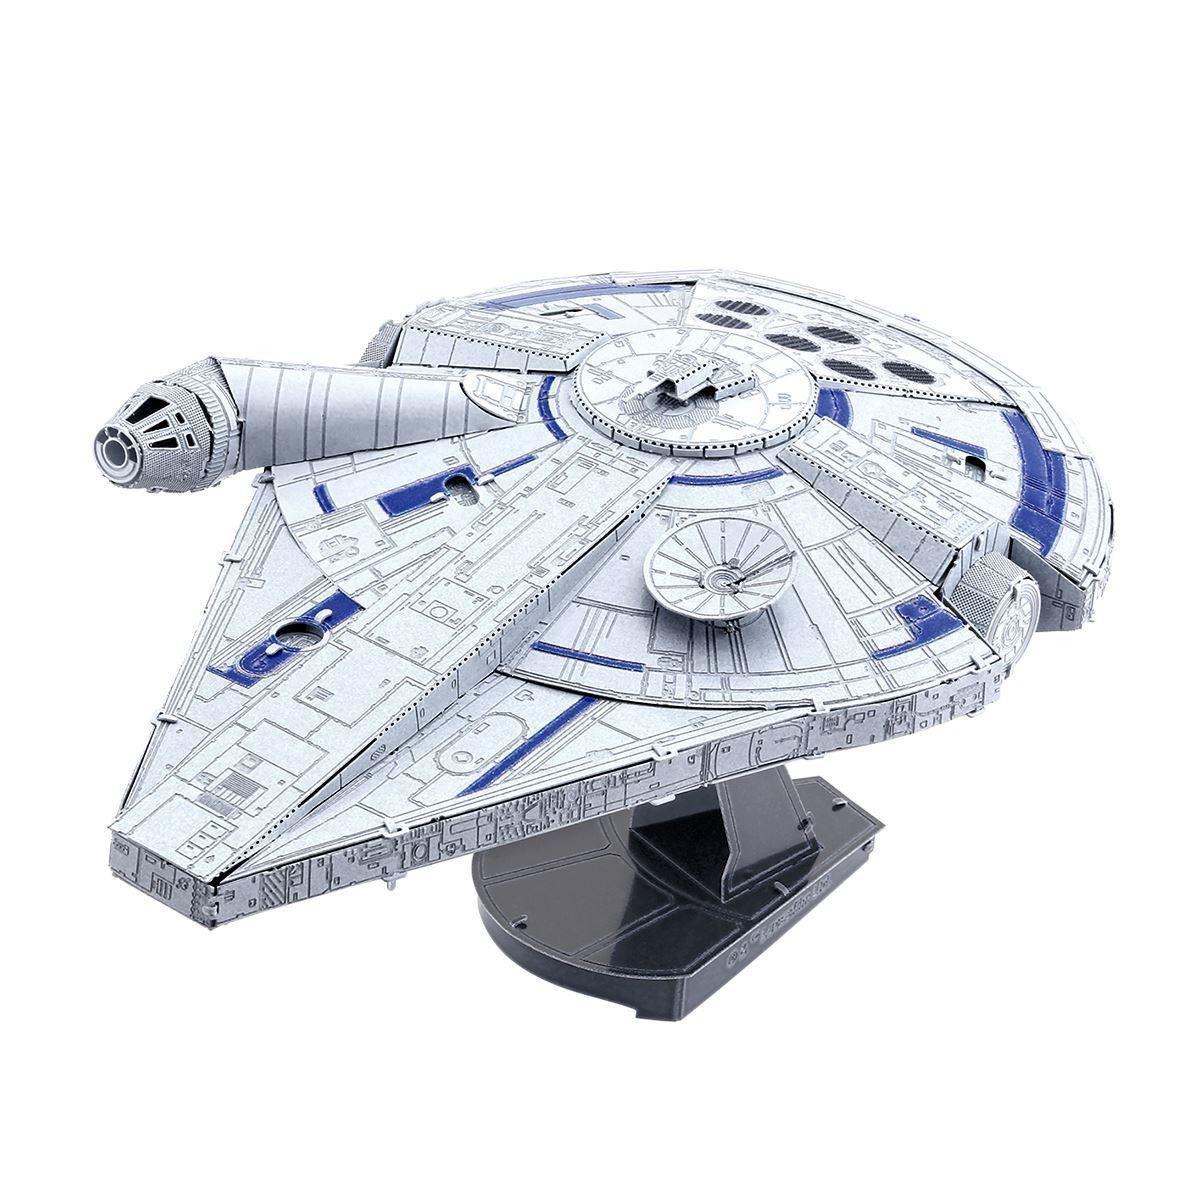 Metall Ekonsth ICONX stjärnornas krig Lando s Millennium Falcon Laser Cut DIY modellllerler Kit